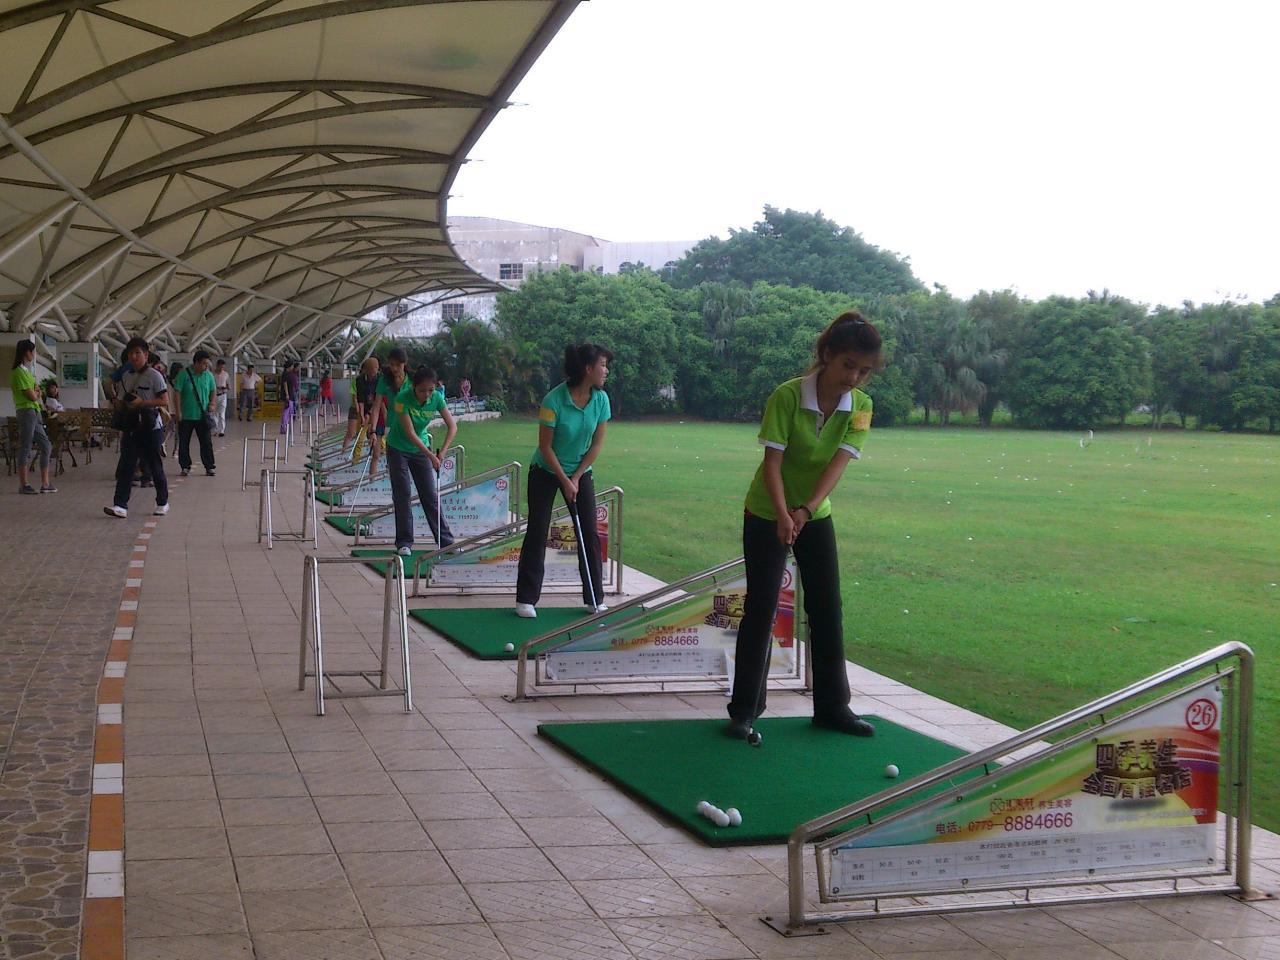 广西桂林永福金钟山高尔夫练习场(迷你18洞) 江山半岛国际高尔夫球